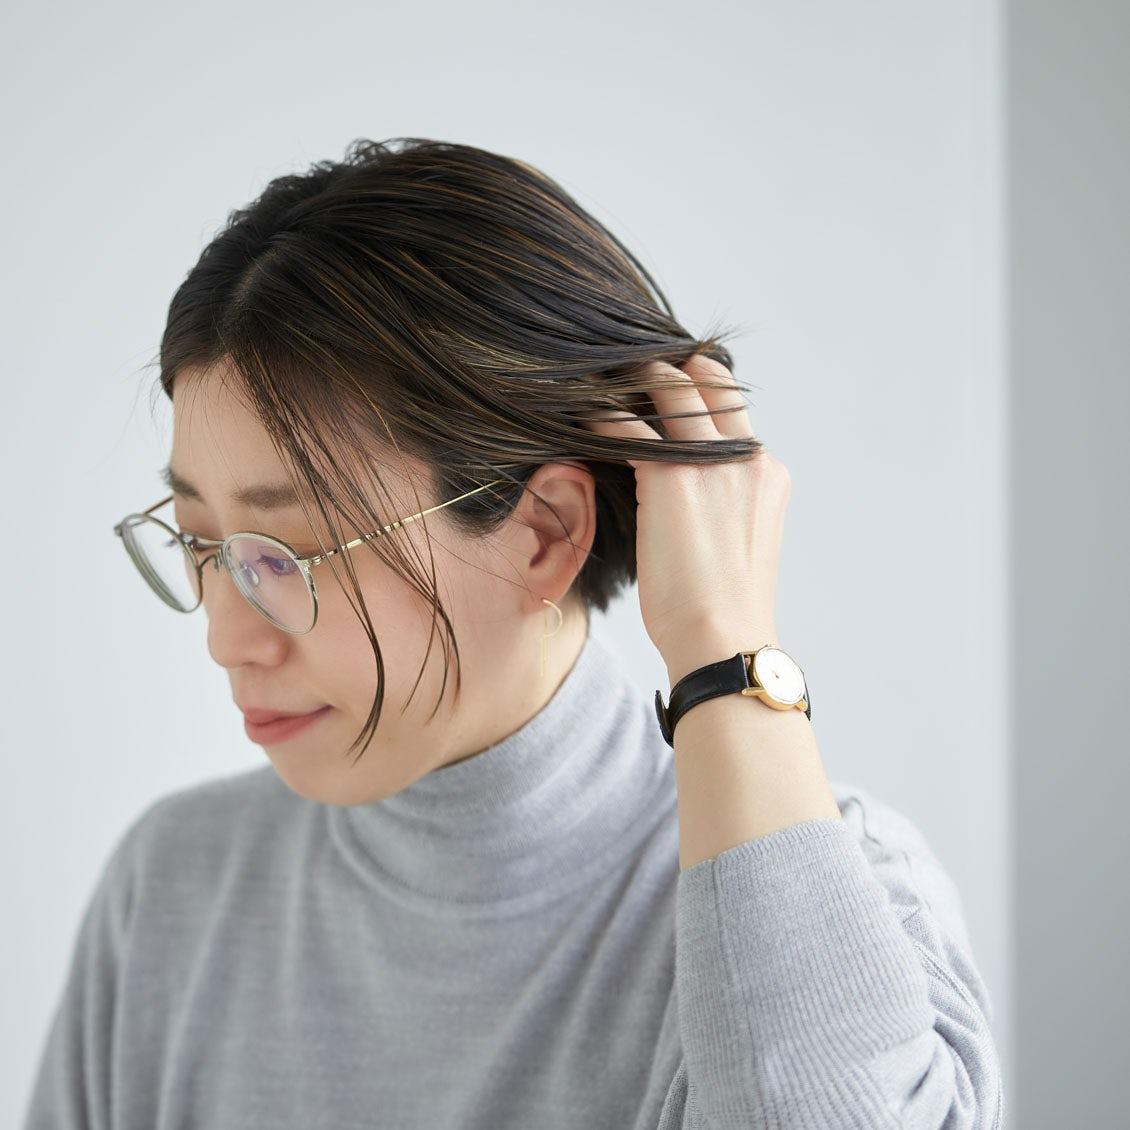 【使用レビュー】髪型のちがうスタッフ3名が、LISARCHの「ヘアソルベ」を使ってみました!